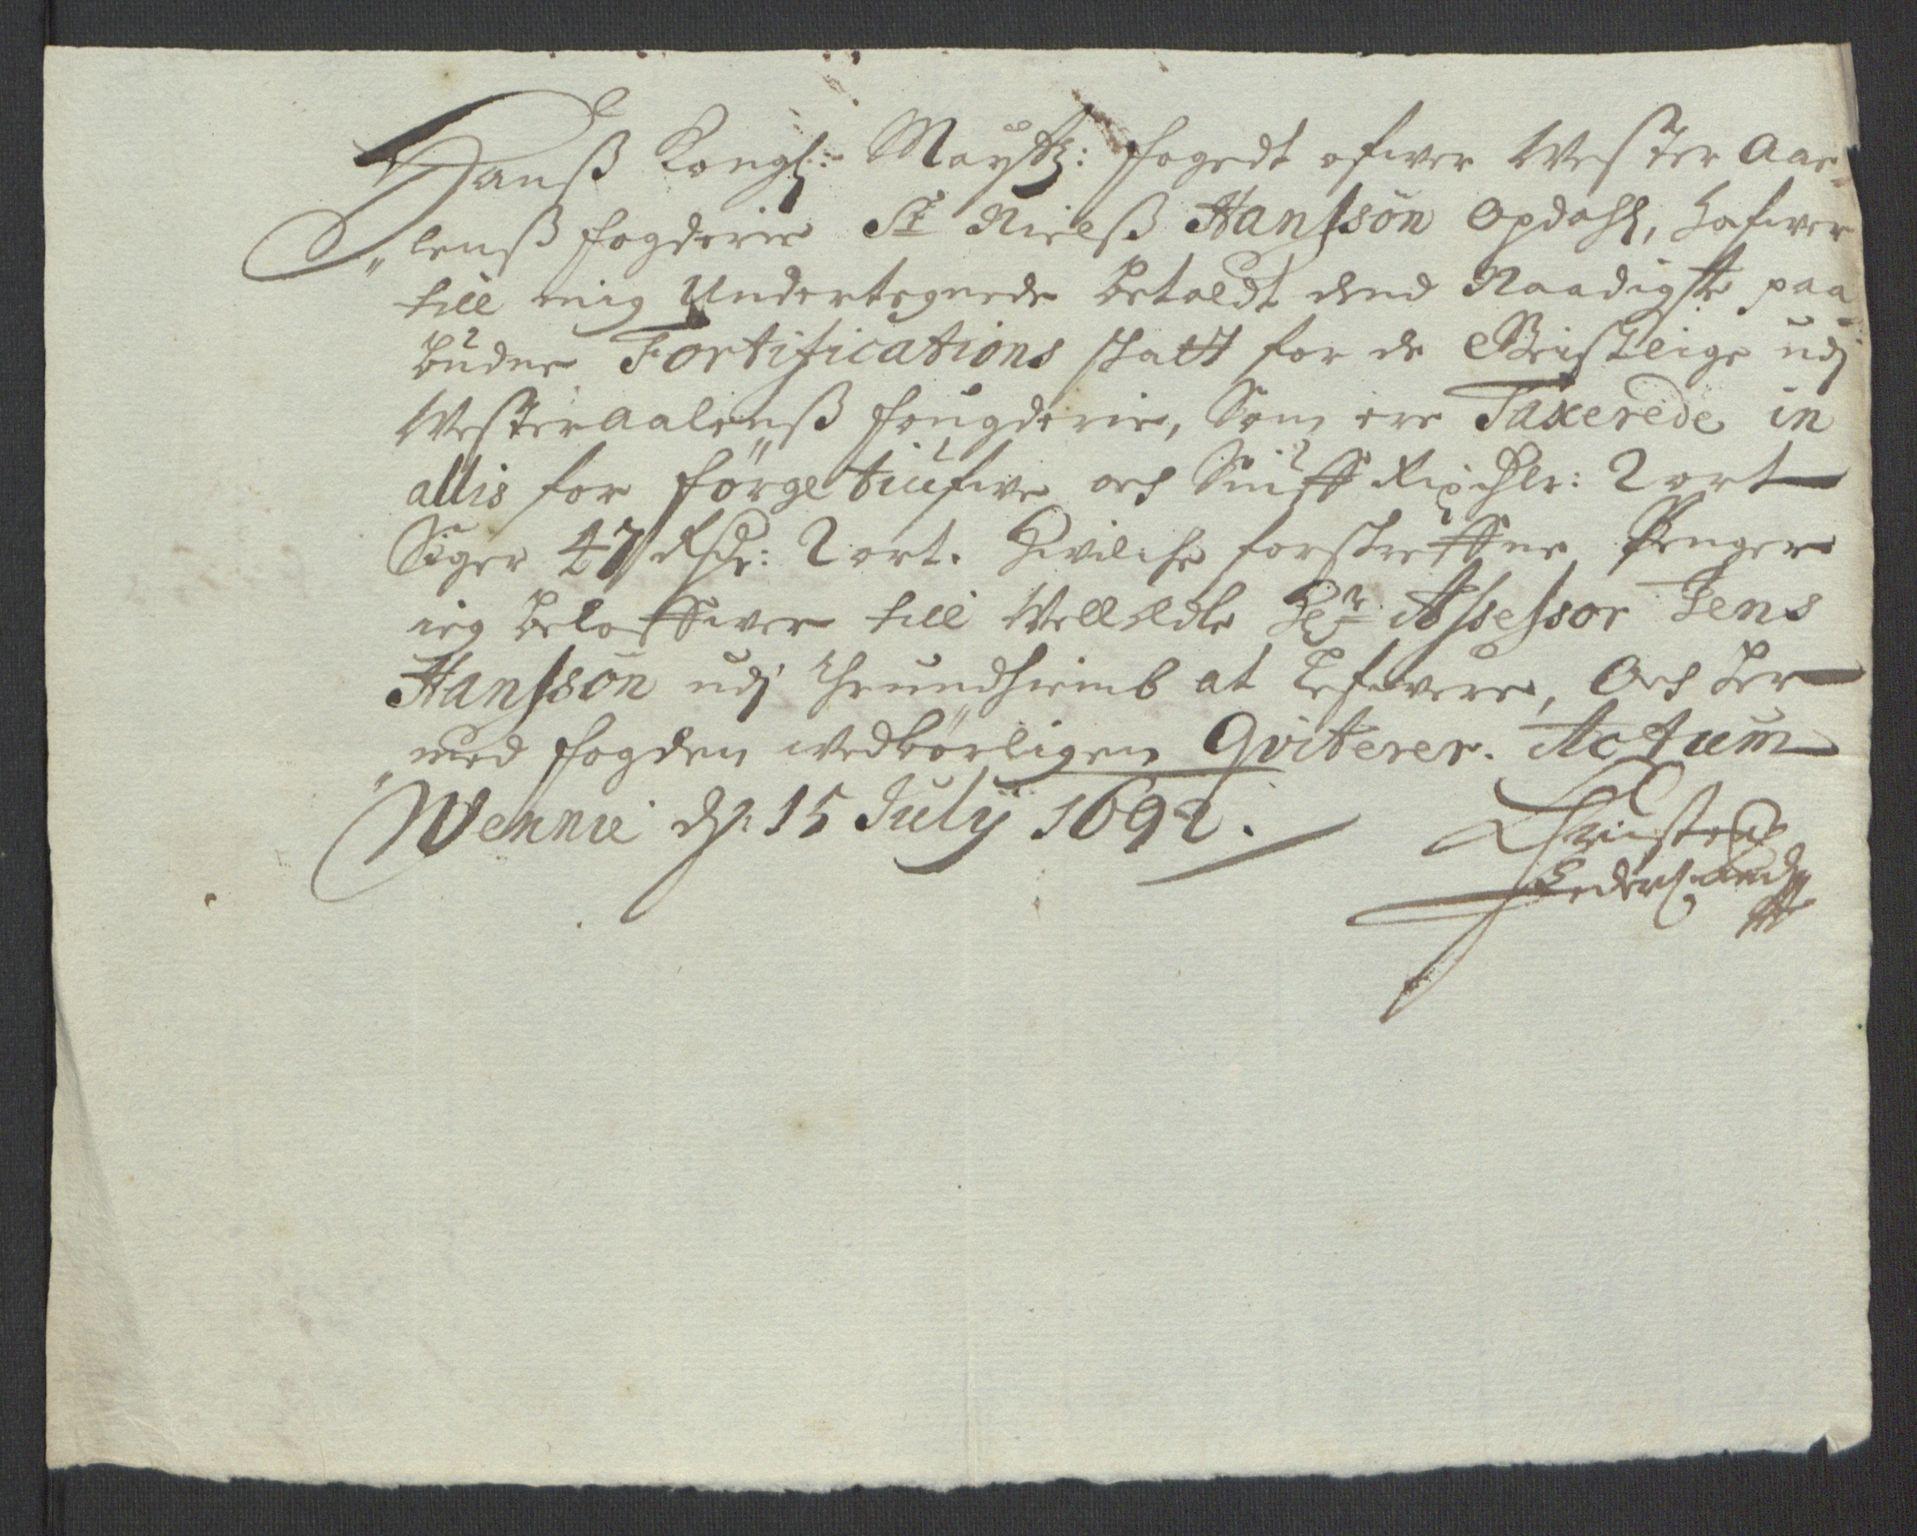 RA, Rentekammeret inntil 1814, Reviderte regnskaper, Fogderegnskap, R67/L4676: Fogderegnskap Vesterålen, Andenes og Lofoten, 1691-1693, s. 191